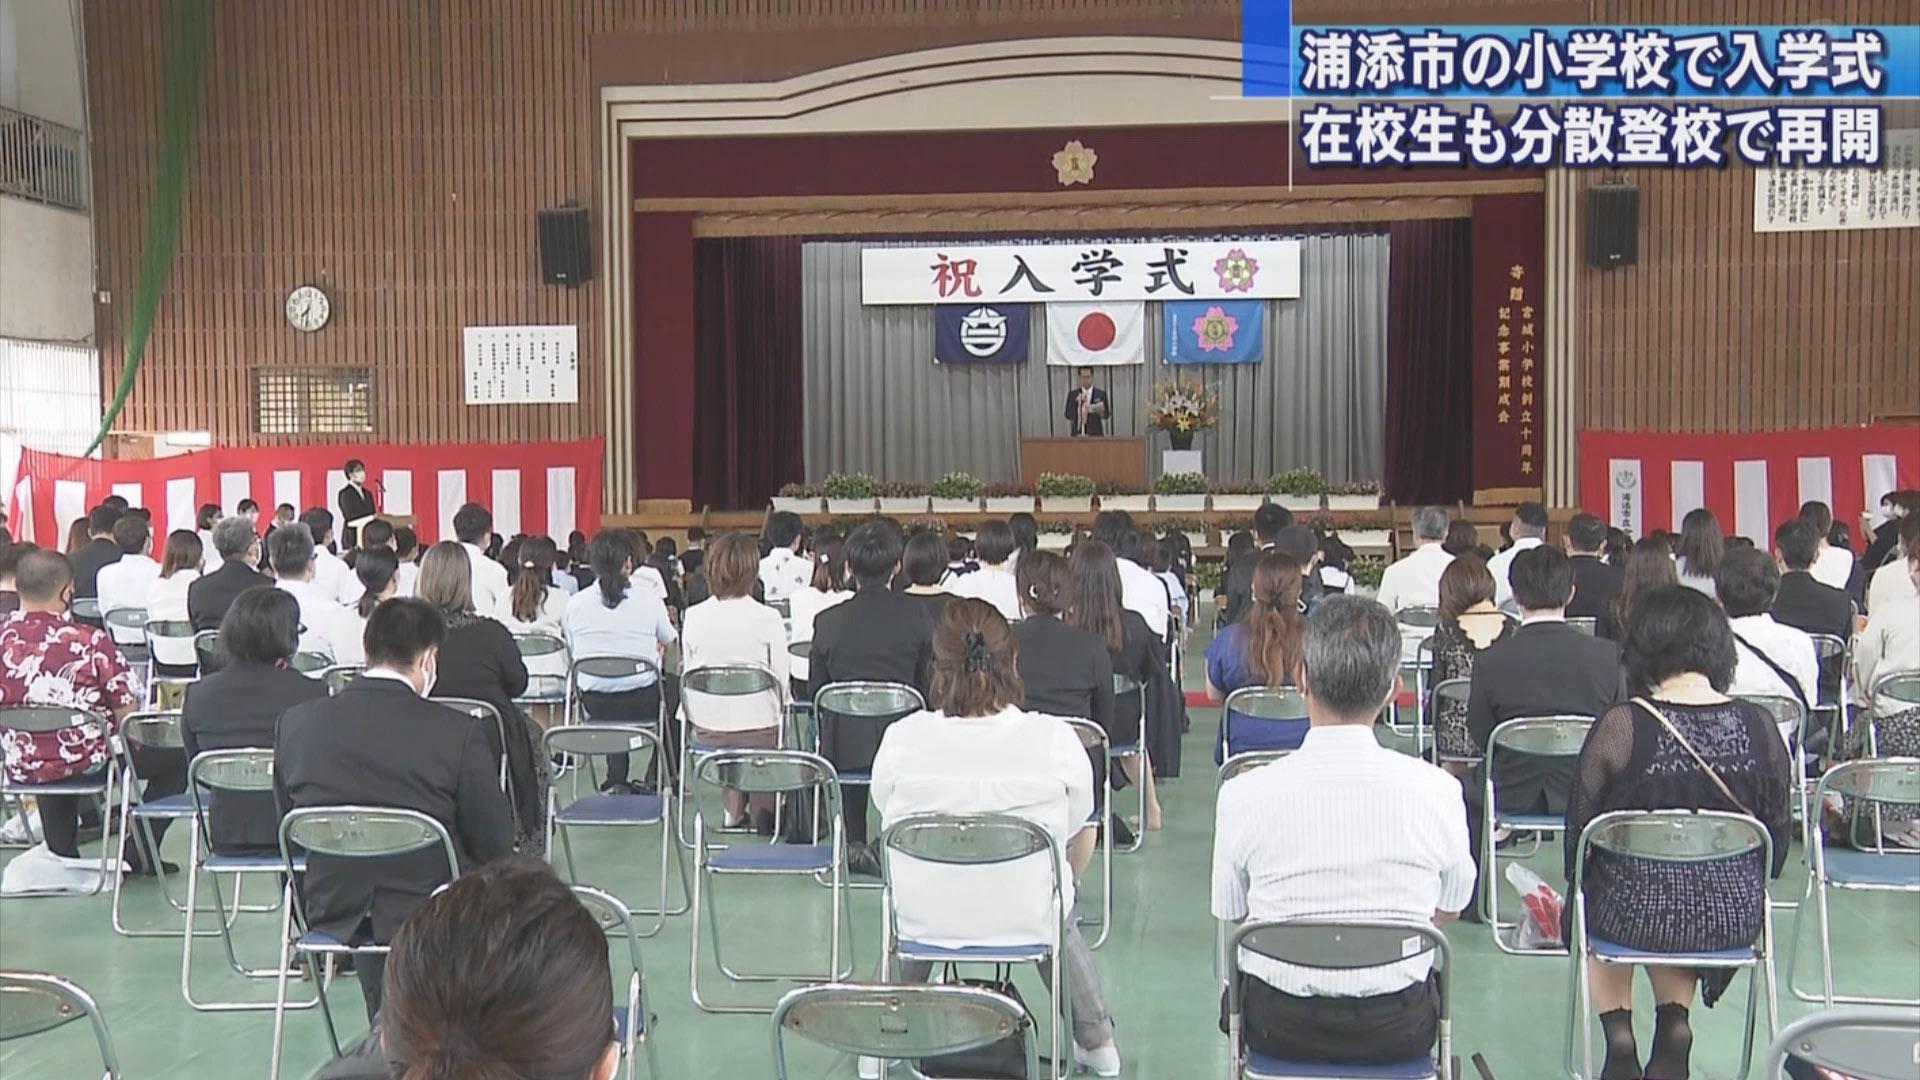 浦添市の小学校でようやく入学式